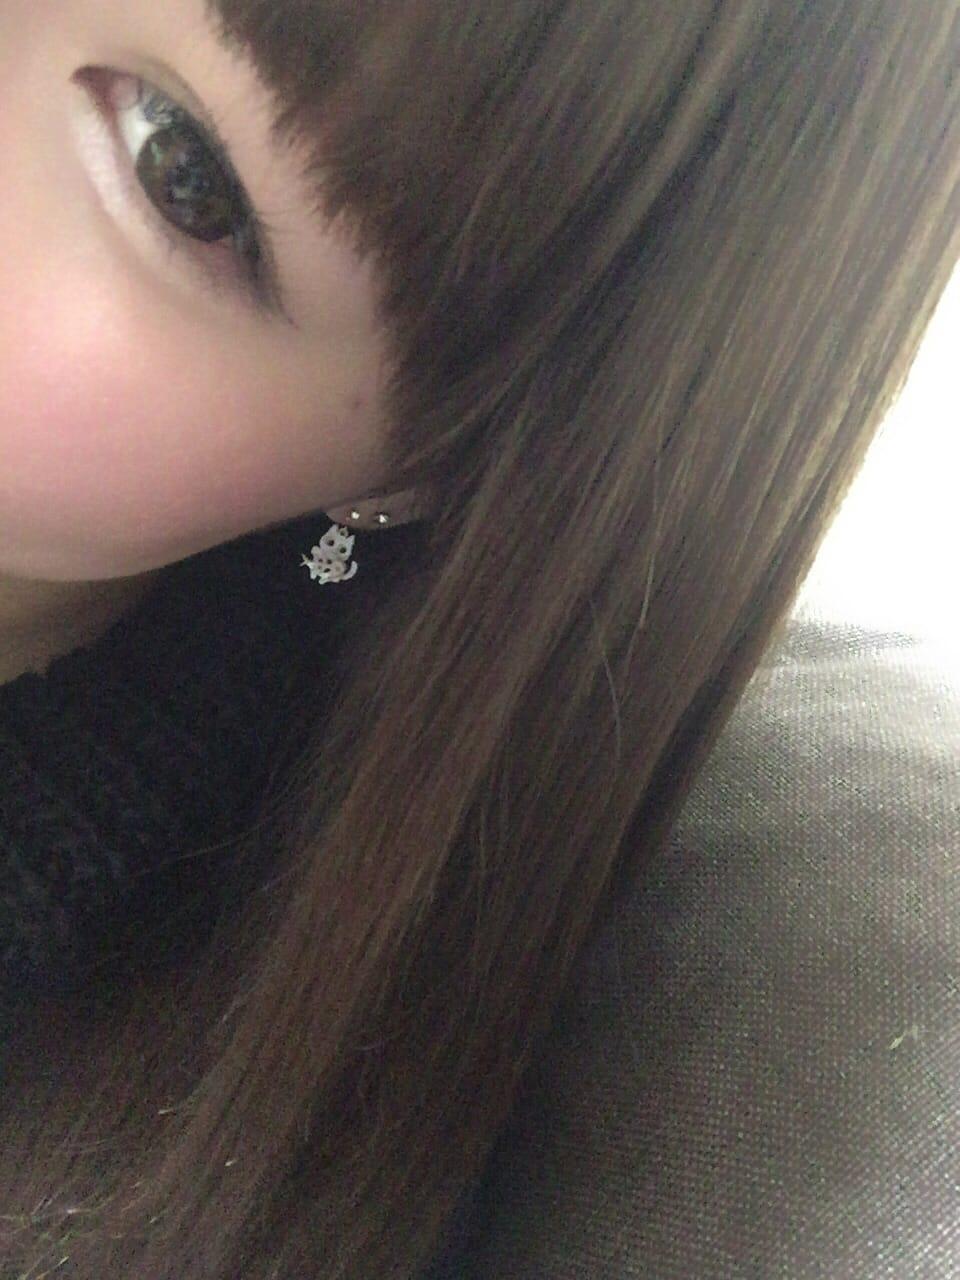 るき 癒し系HカップGIRL「おやすみなさーい」09/24(日) 03:36 | るき 癒し系HカップGIRLの写メ・風俗動画